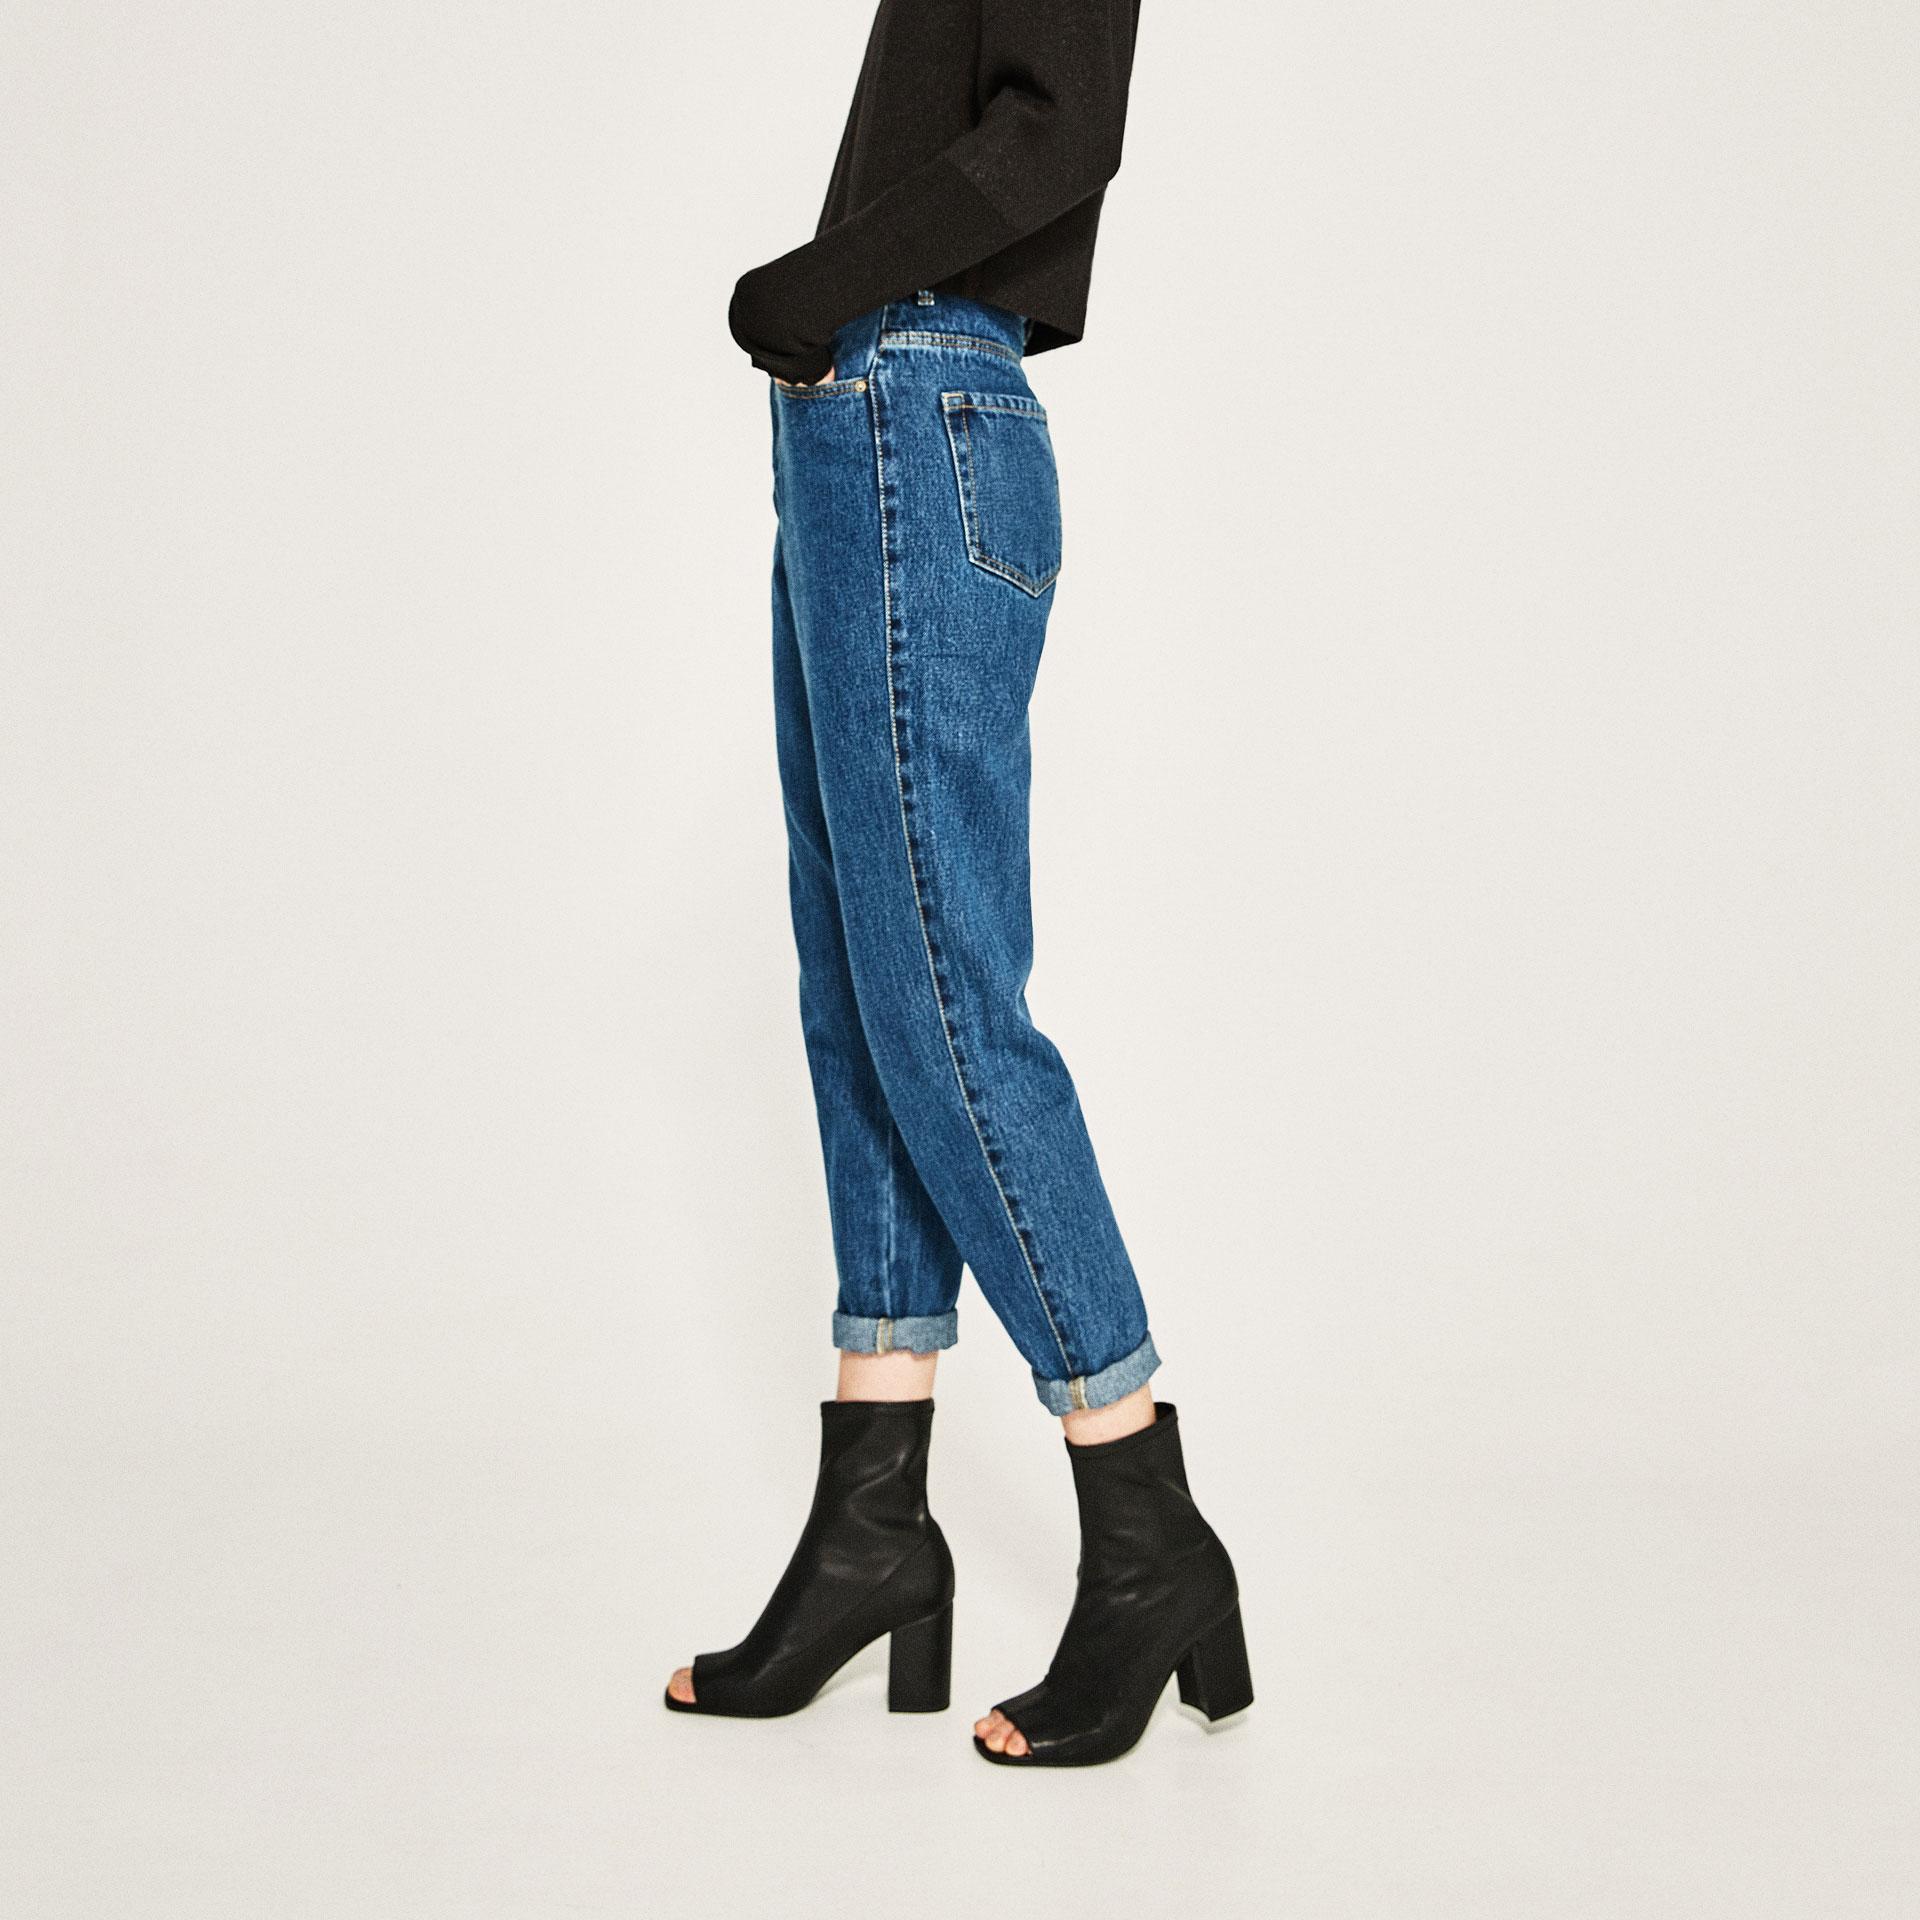 zara open toe high heel ankle boots in black lyst